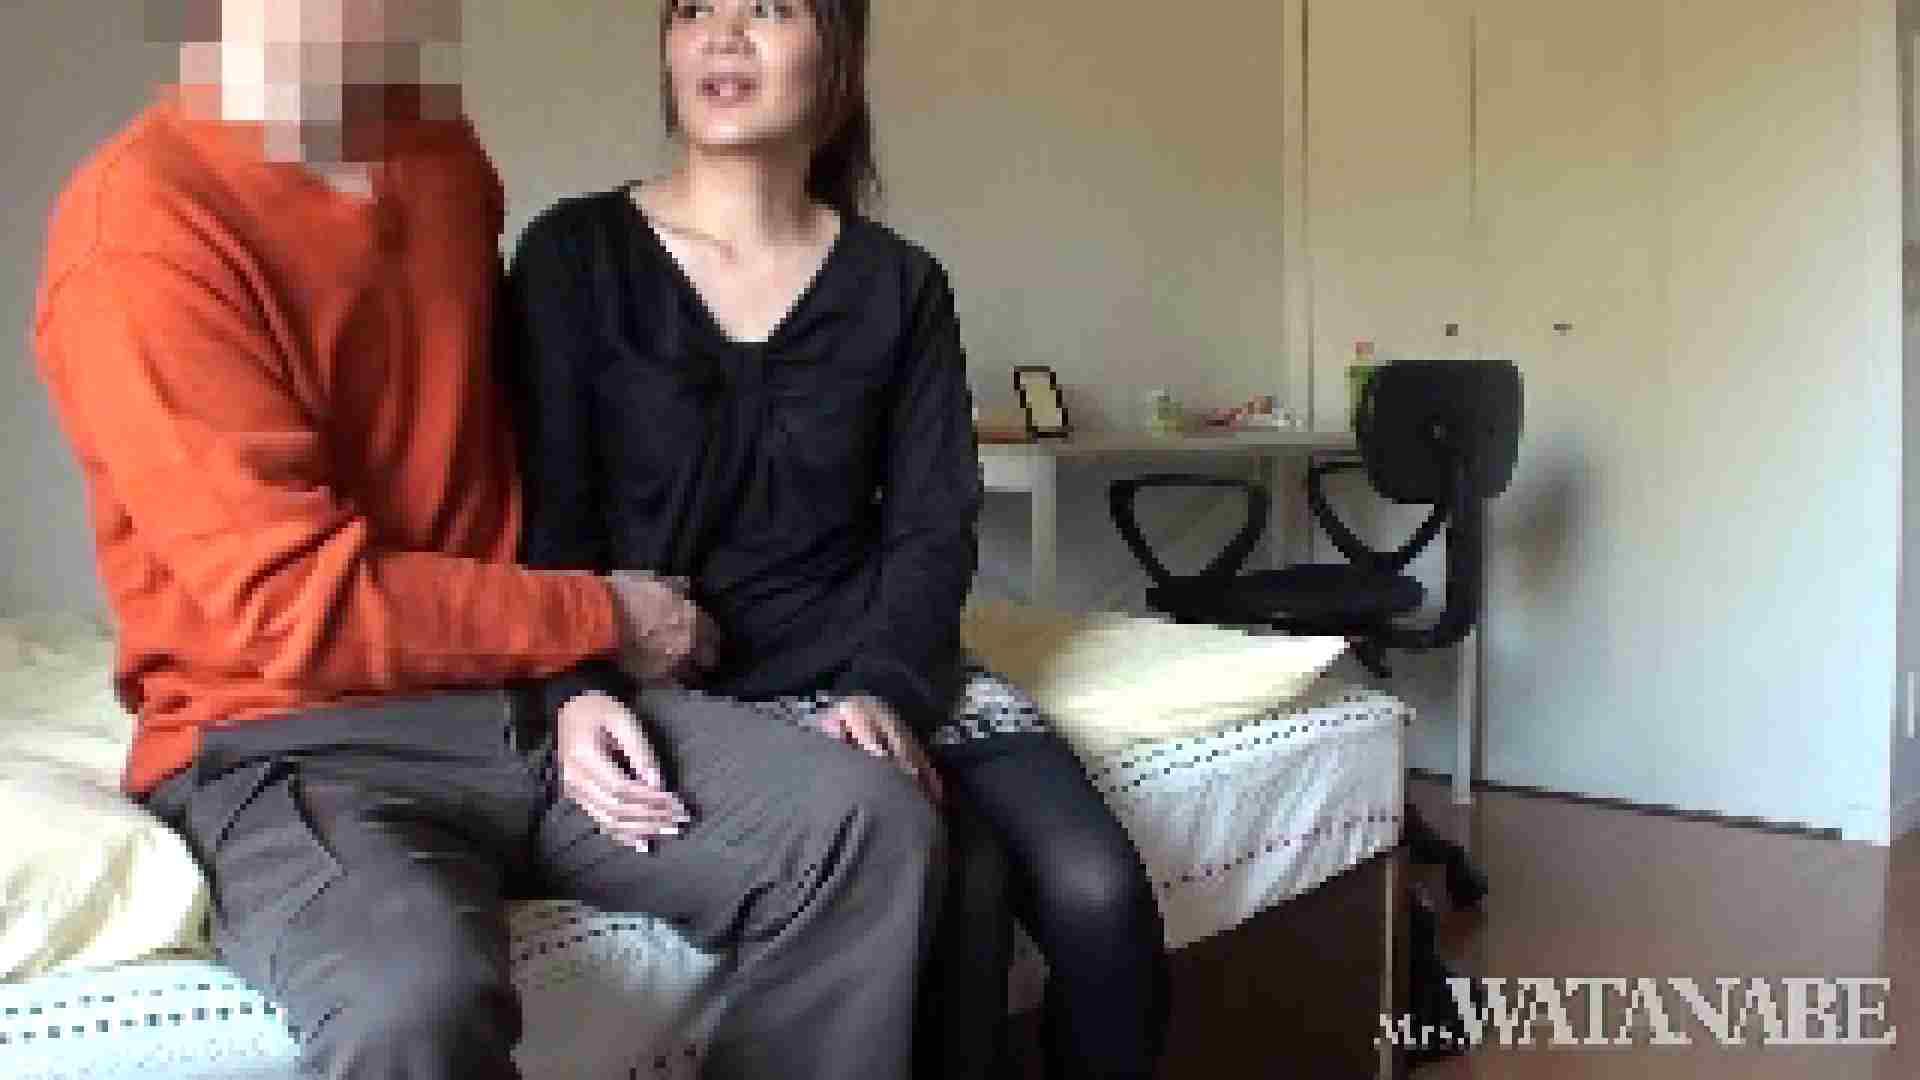 SNSで出会った人妻をハメ撮りしちゃいます 2回目 前編 人妻達のヌード | オナニー特集  65連発 36